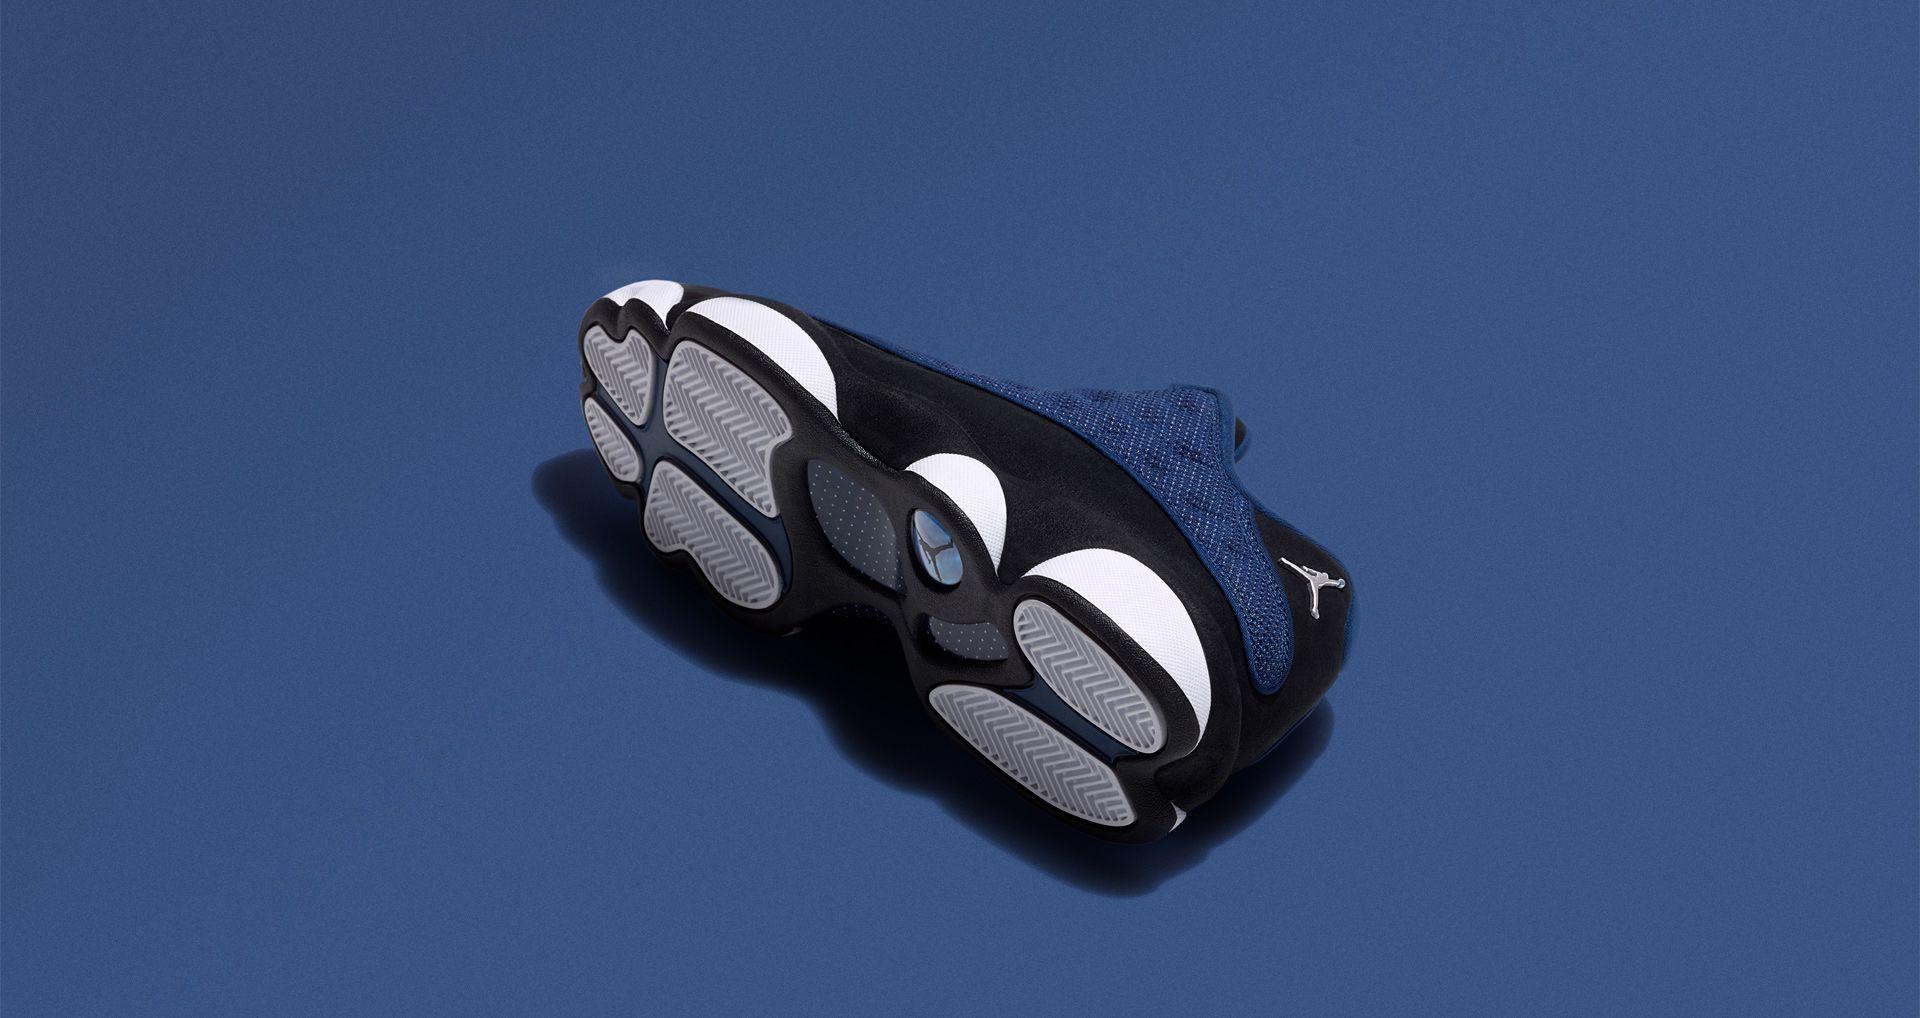 online store 0362b 900f8 Shop all Nike Soccer. AIR JORDAN 13 LOW